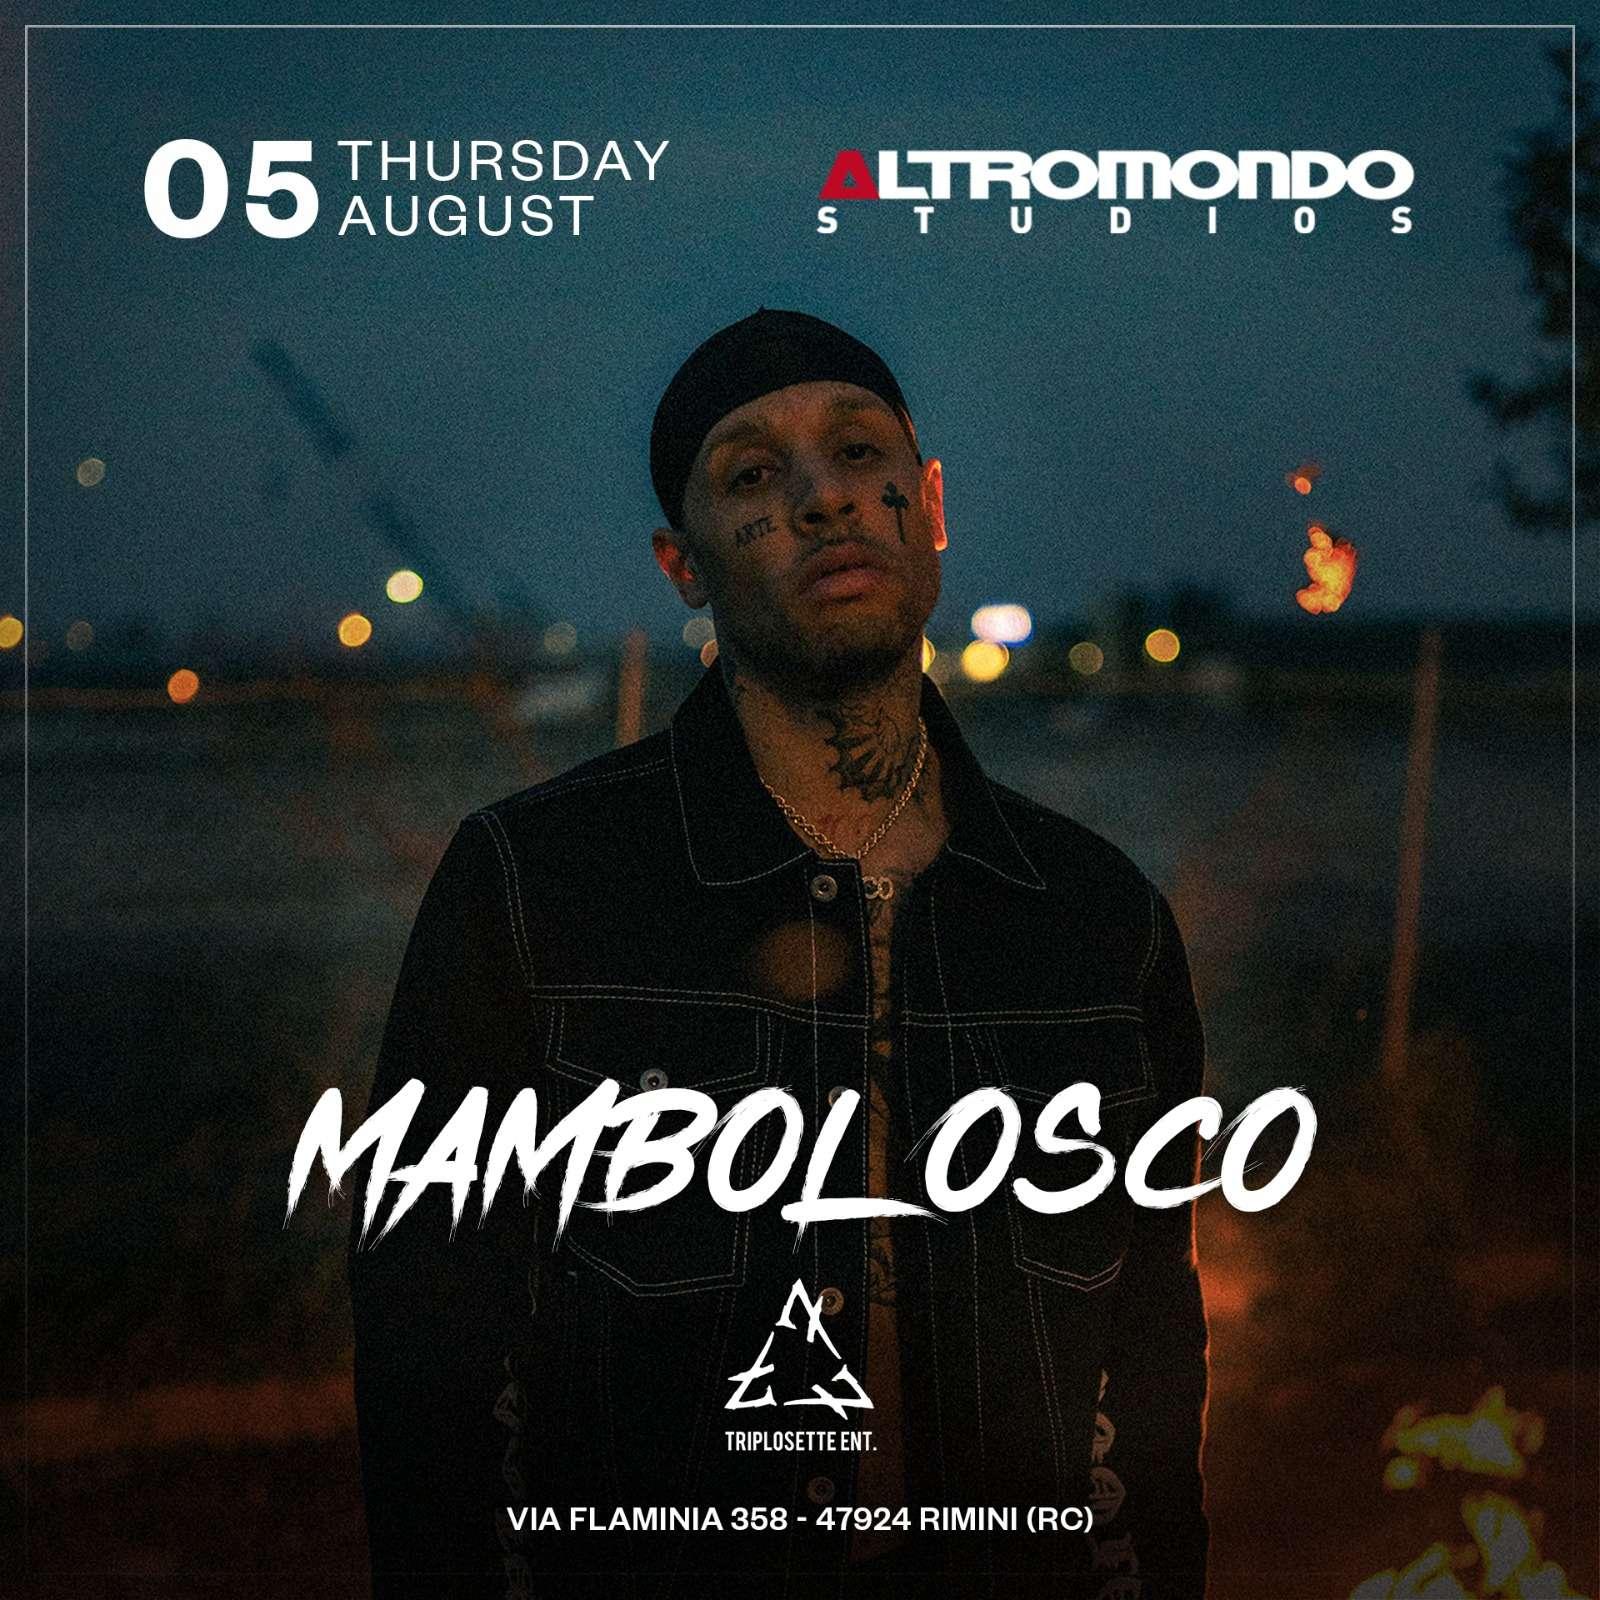 MAMBOLOSCO - GIOVEDI' 5 AGOSTO Altromondo Studios / RN